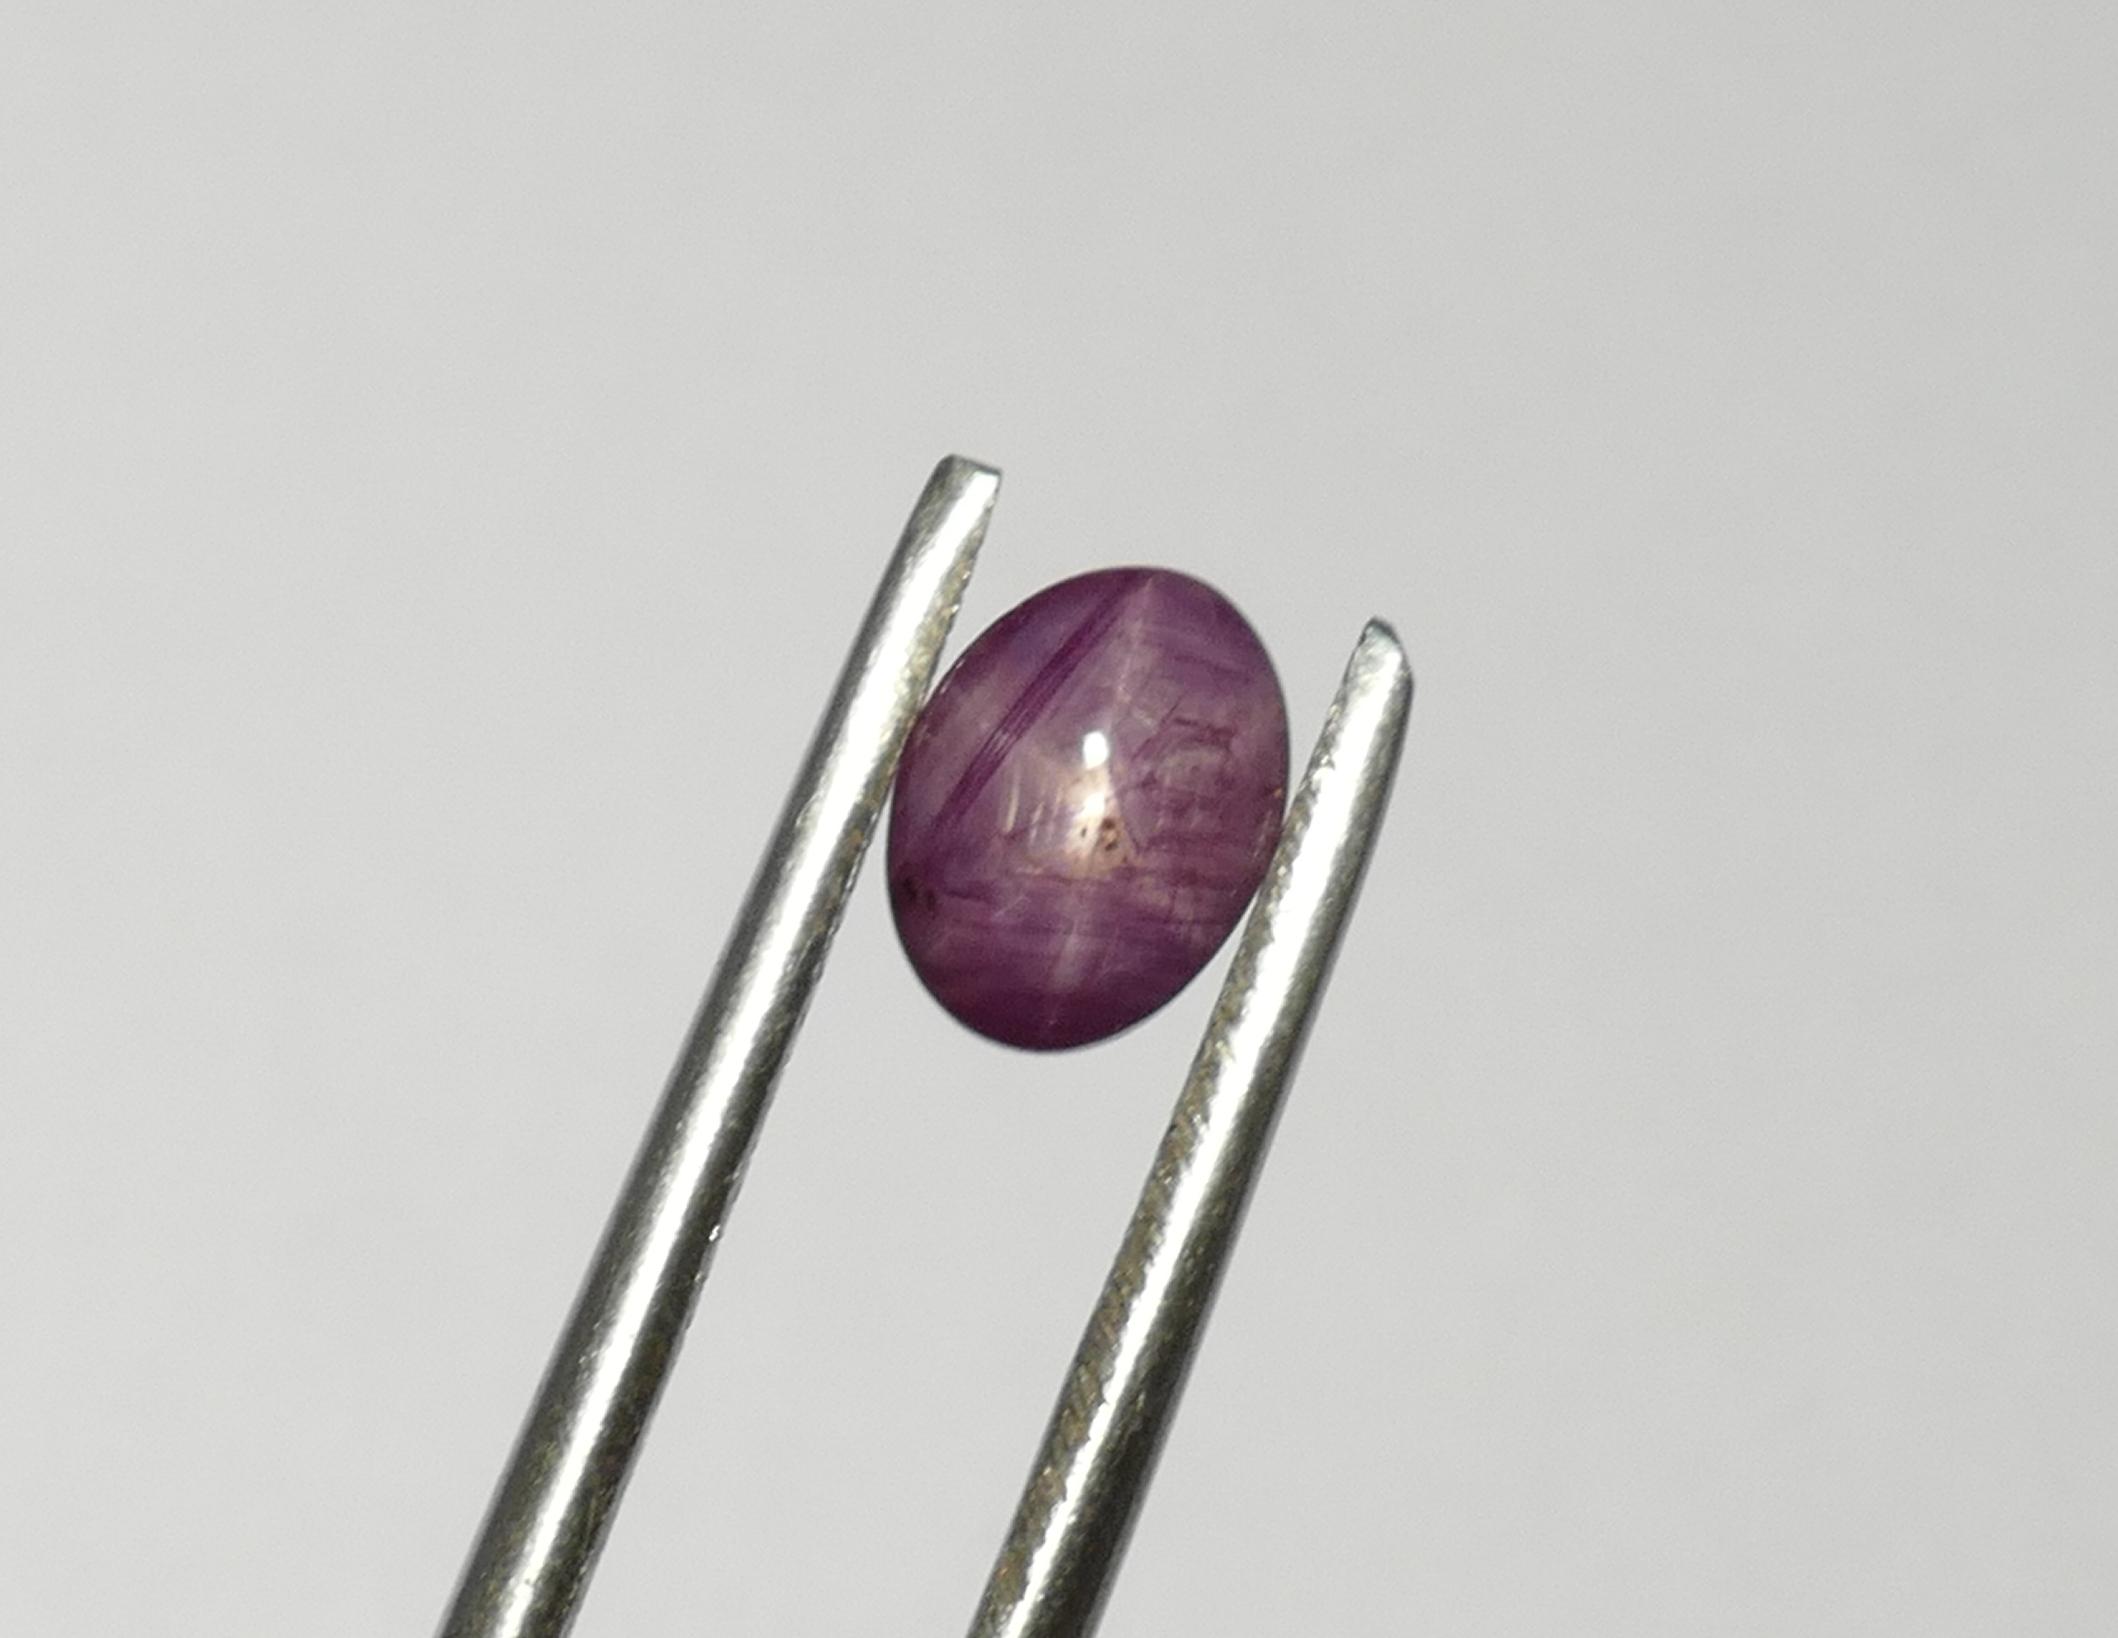 7.1x5.1mm Rubis naturel étoilé d\'Inde en cabochon ovale 1.52ct (#PM73)